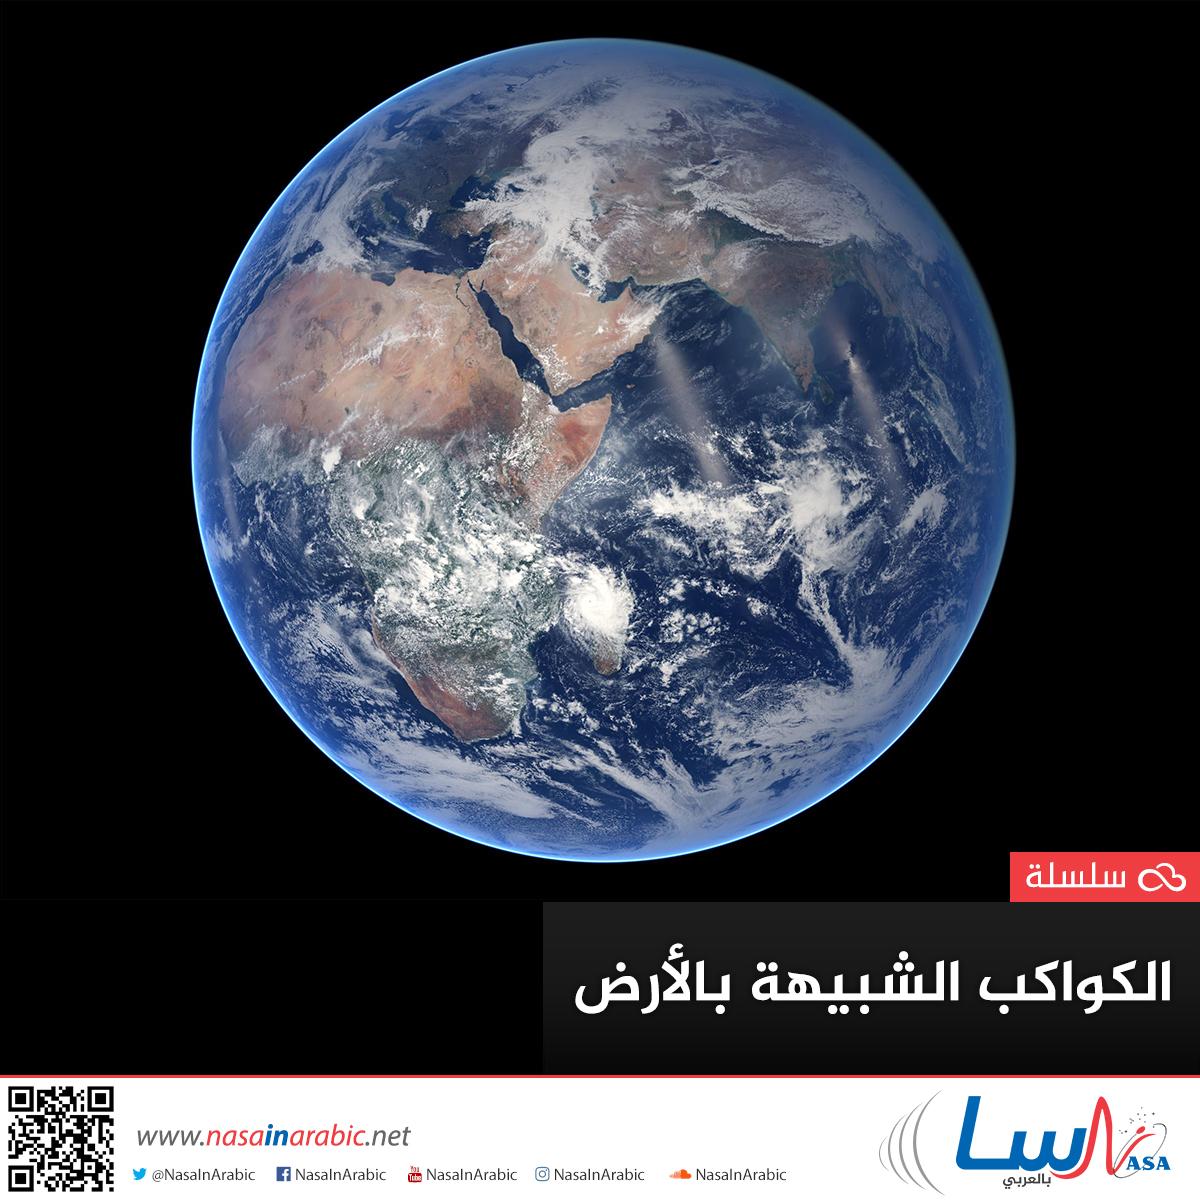 سلسلة طبيعة الكون الجزء السابع: الكواكب الشبيهة بالأرض